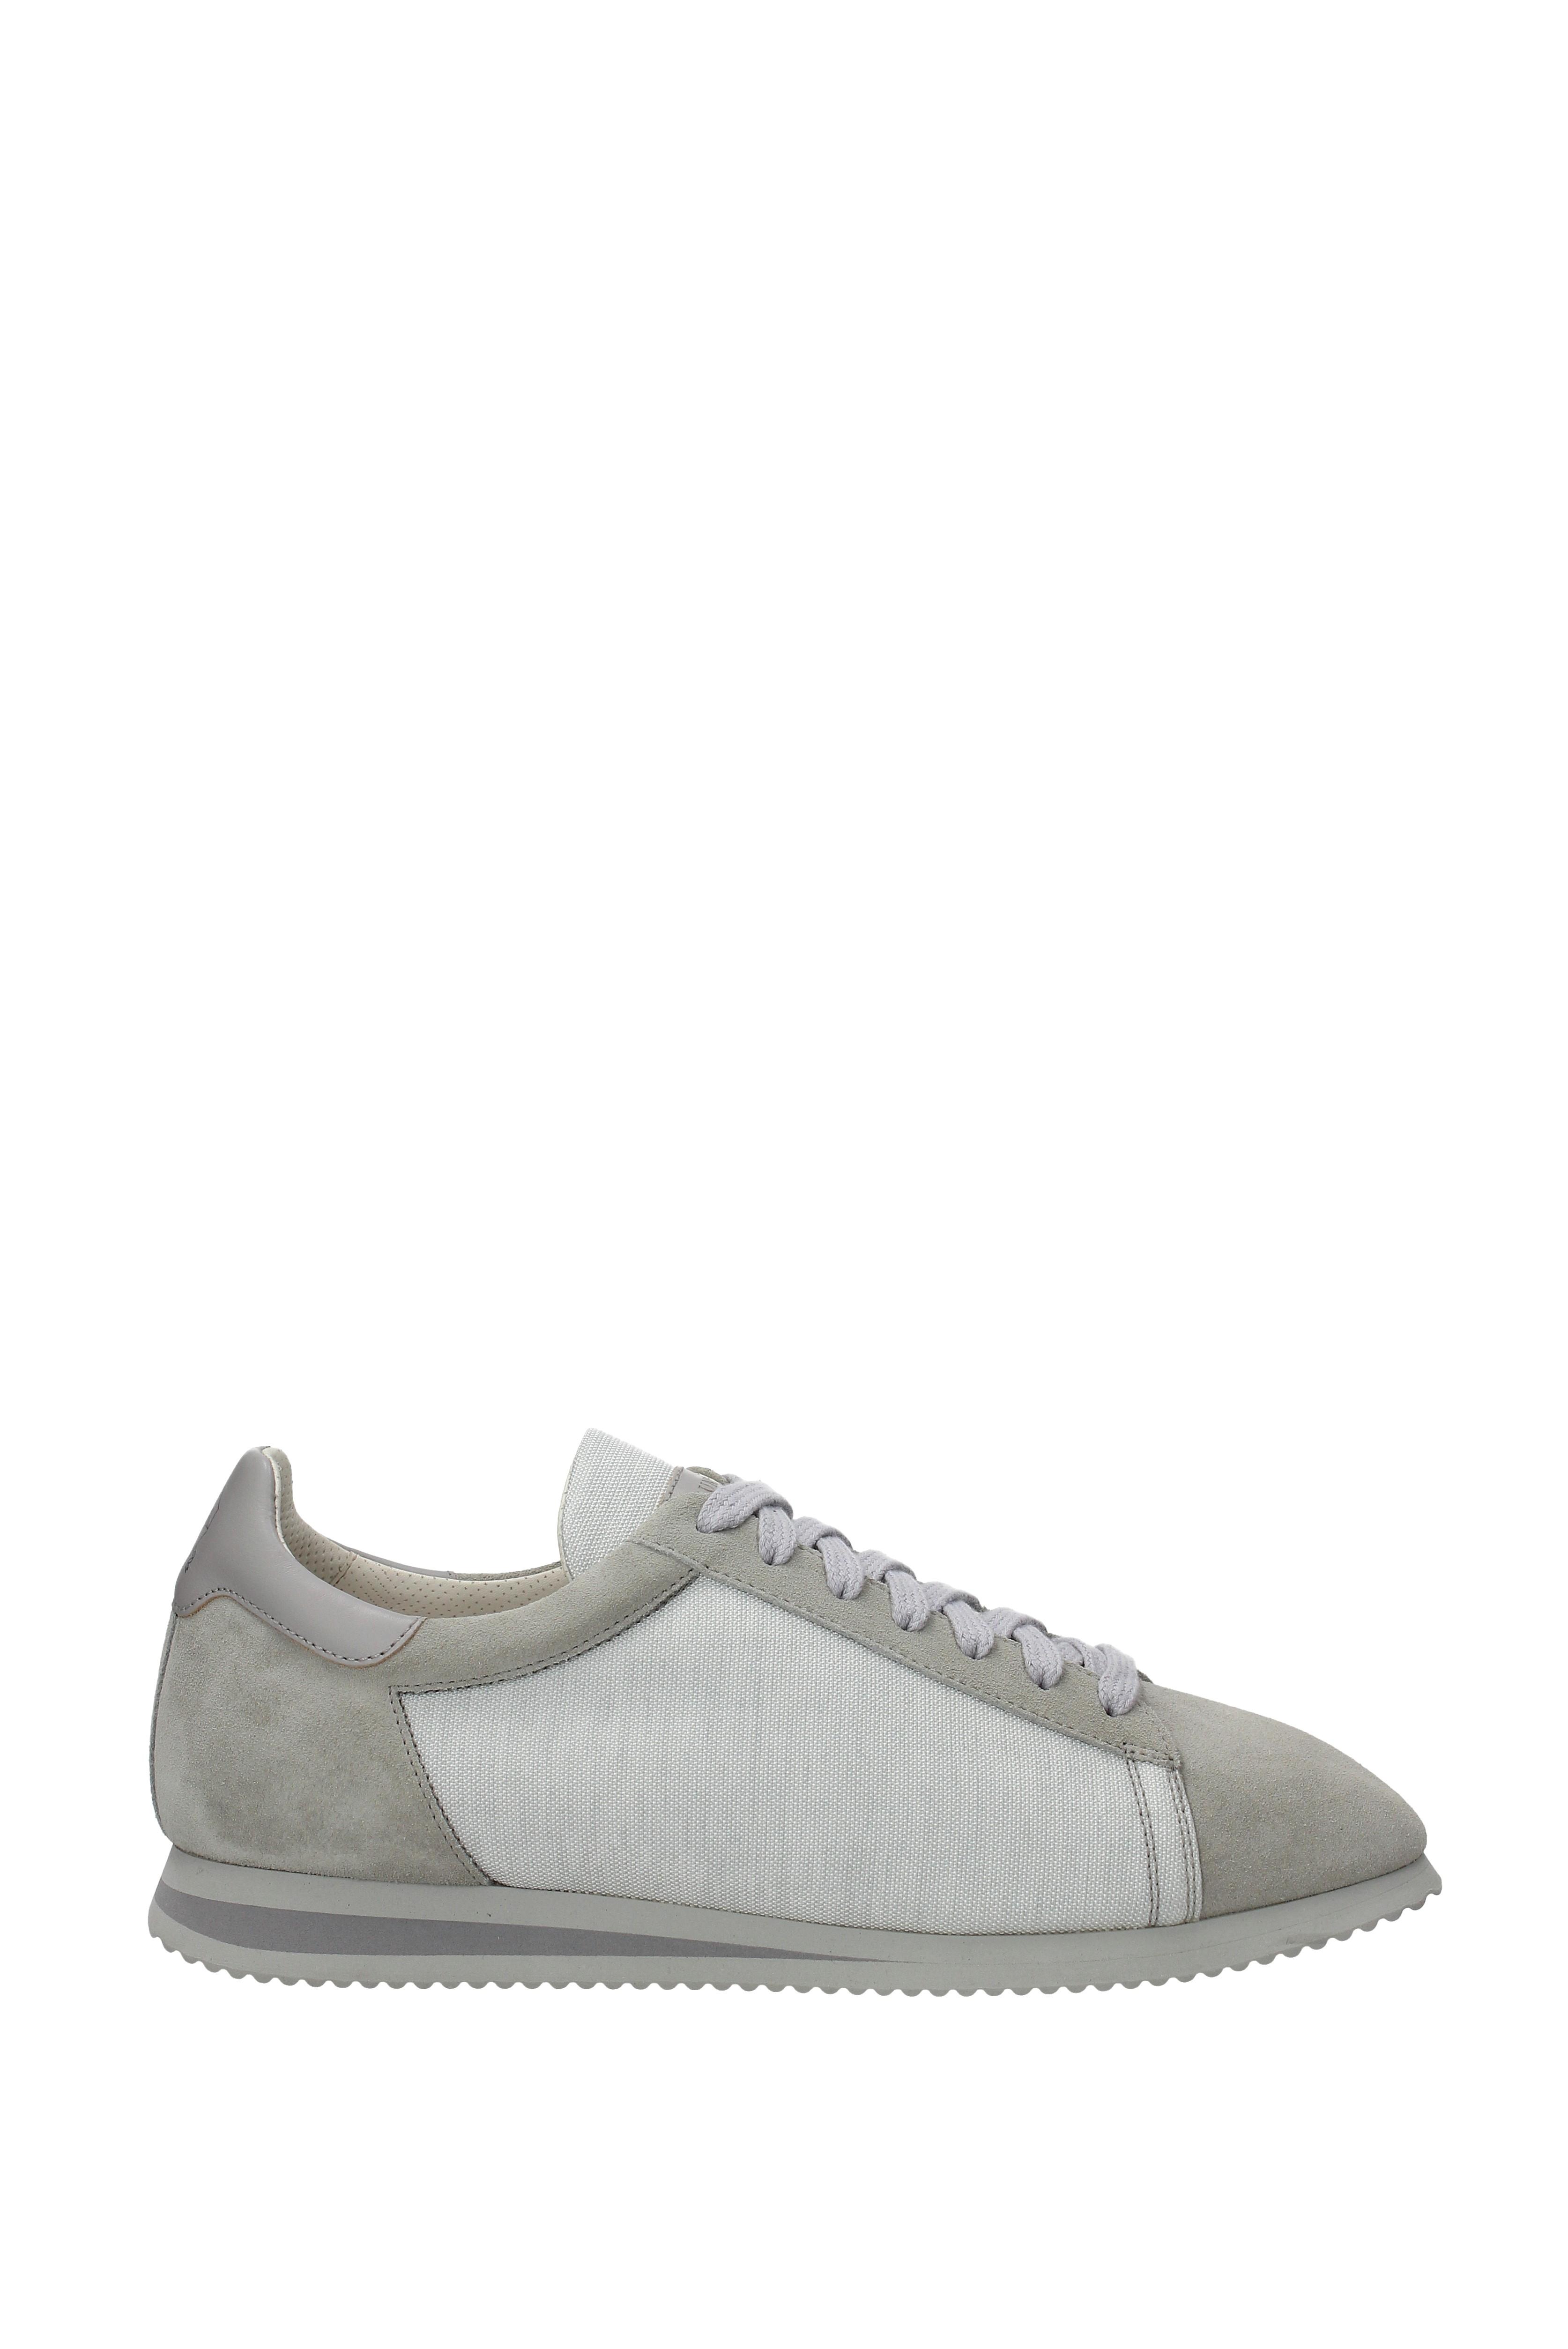 Sneakers Brunello Cucinelli Herren Herren Cucinelli - Wildleder (MZUHVAT204) 52a2ca